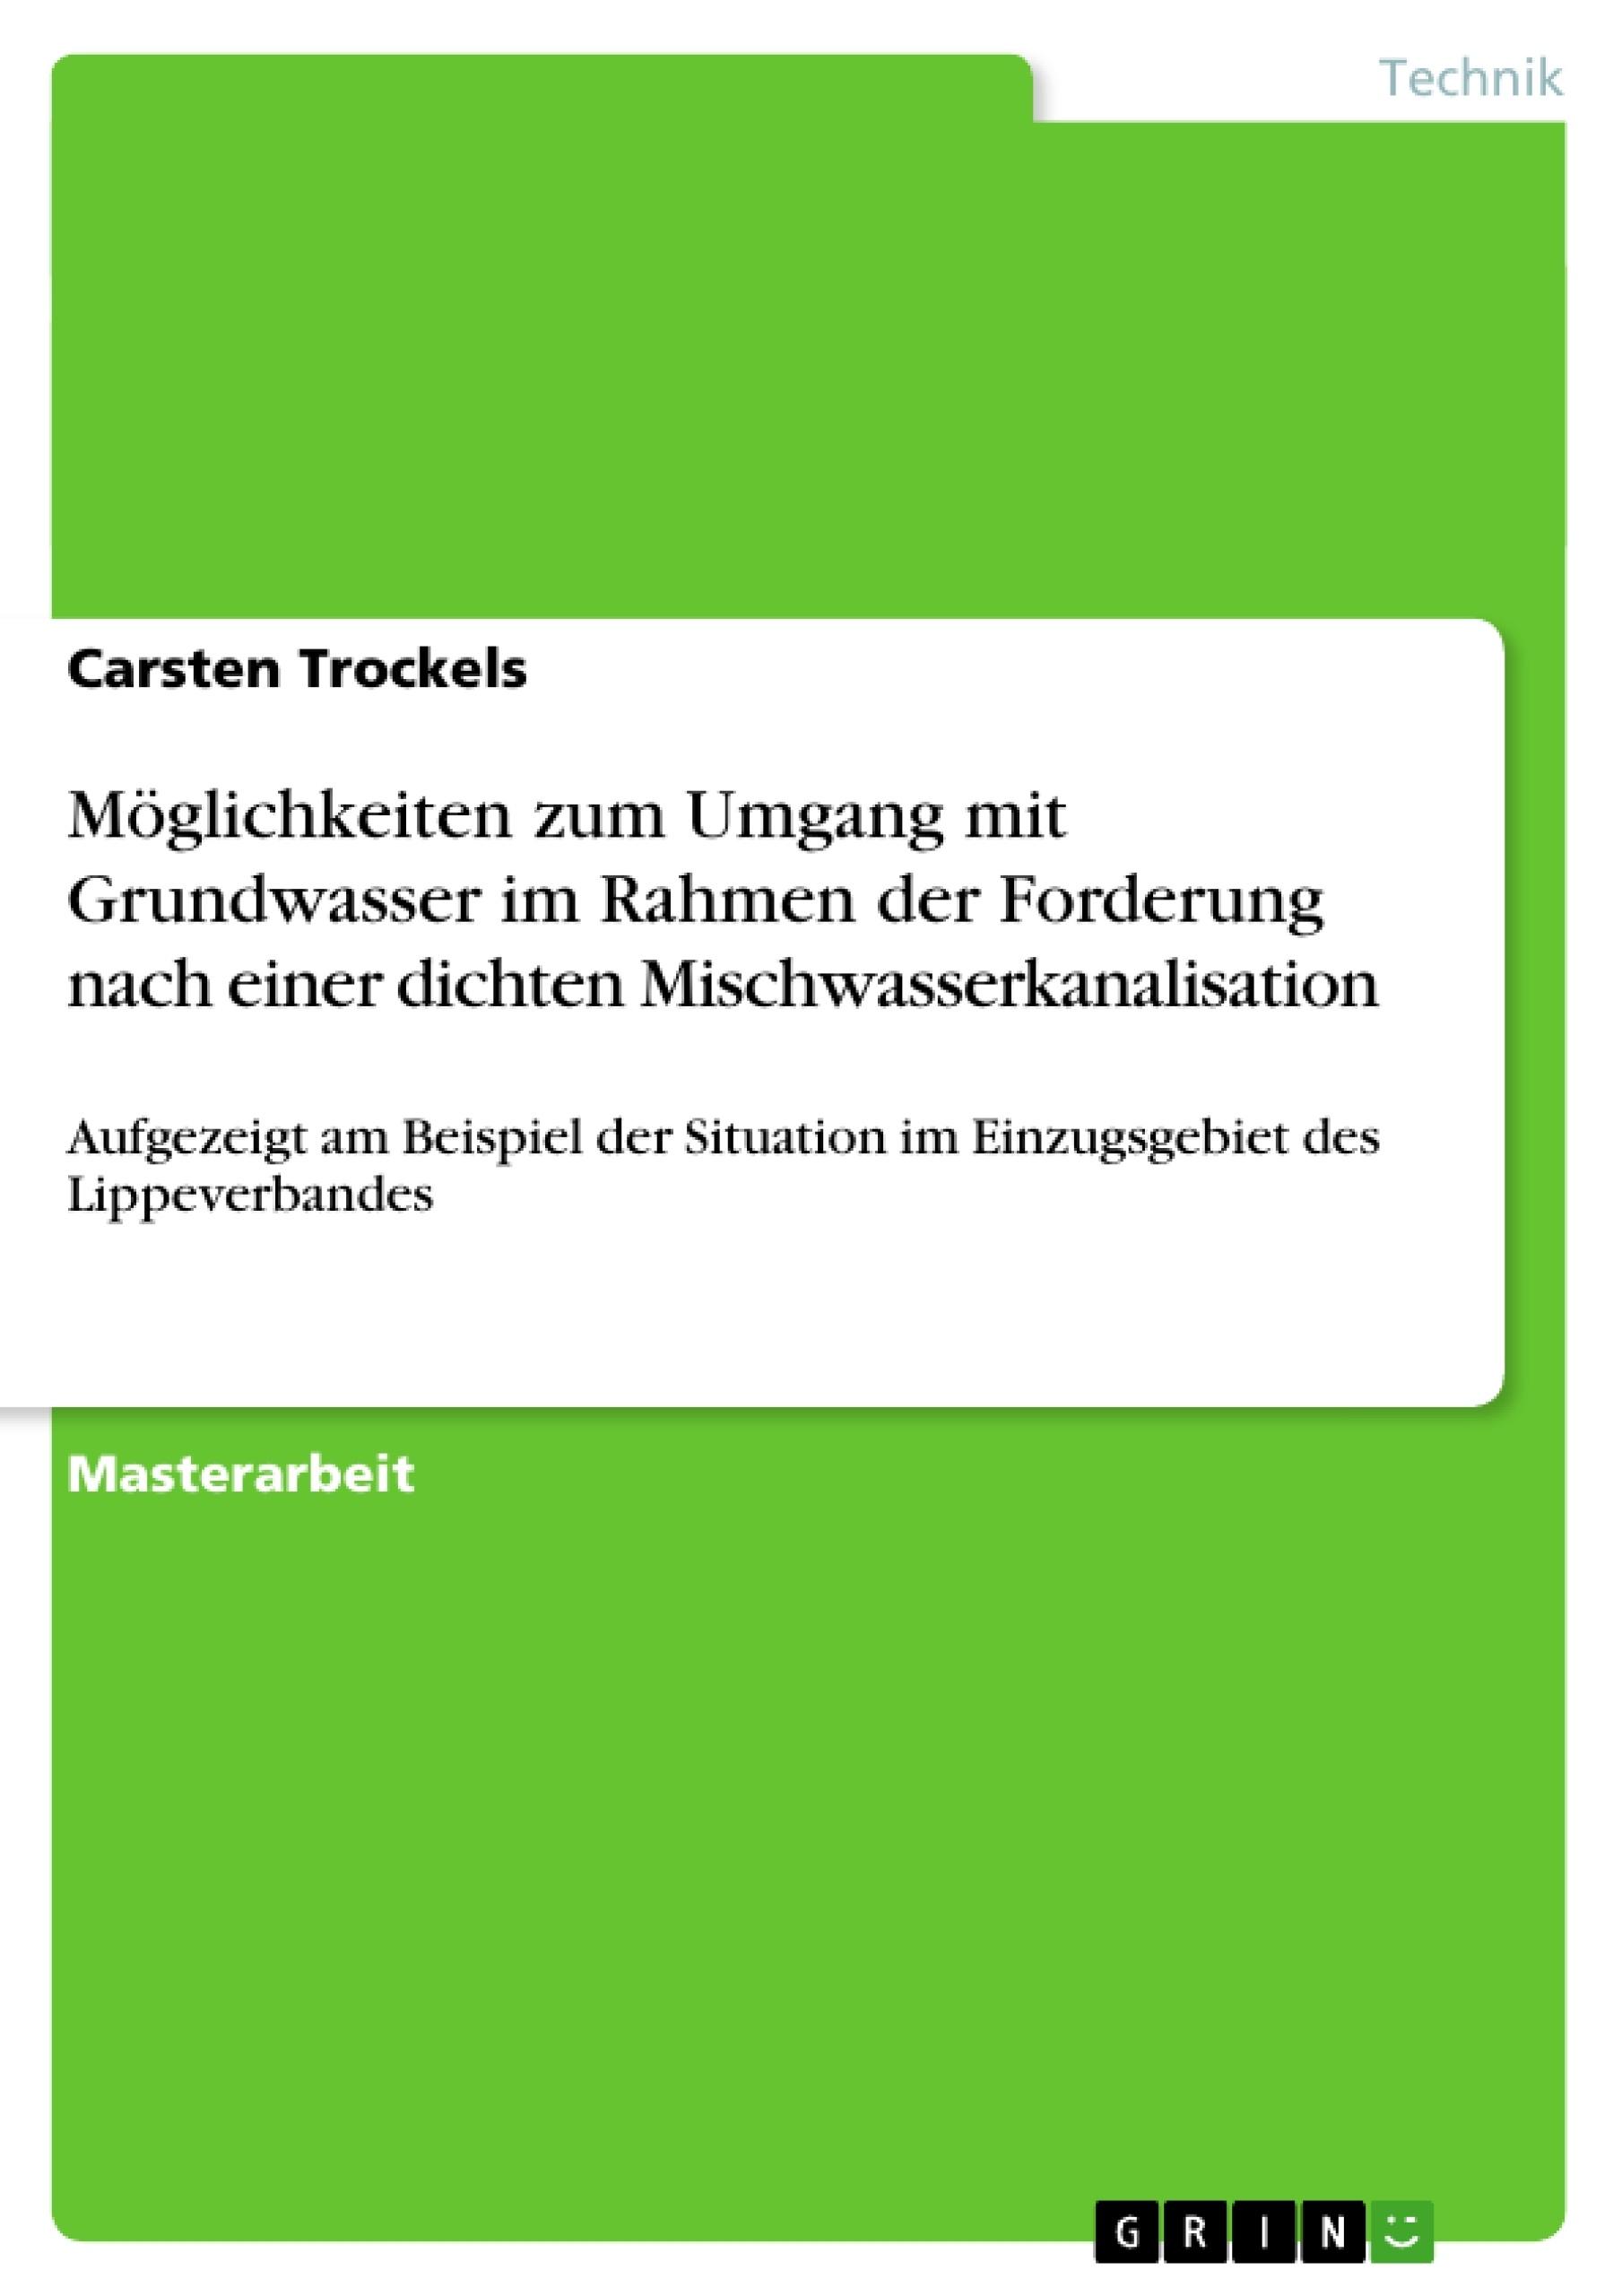 Titel: Möglichkeiten zum Umgang mit Grundwasser im Rahmen der Forderung nach einer dichten Mischwasserkanalisation